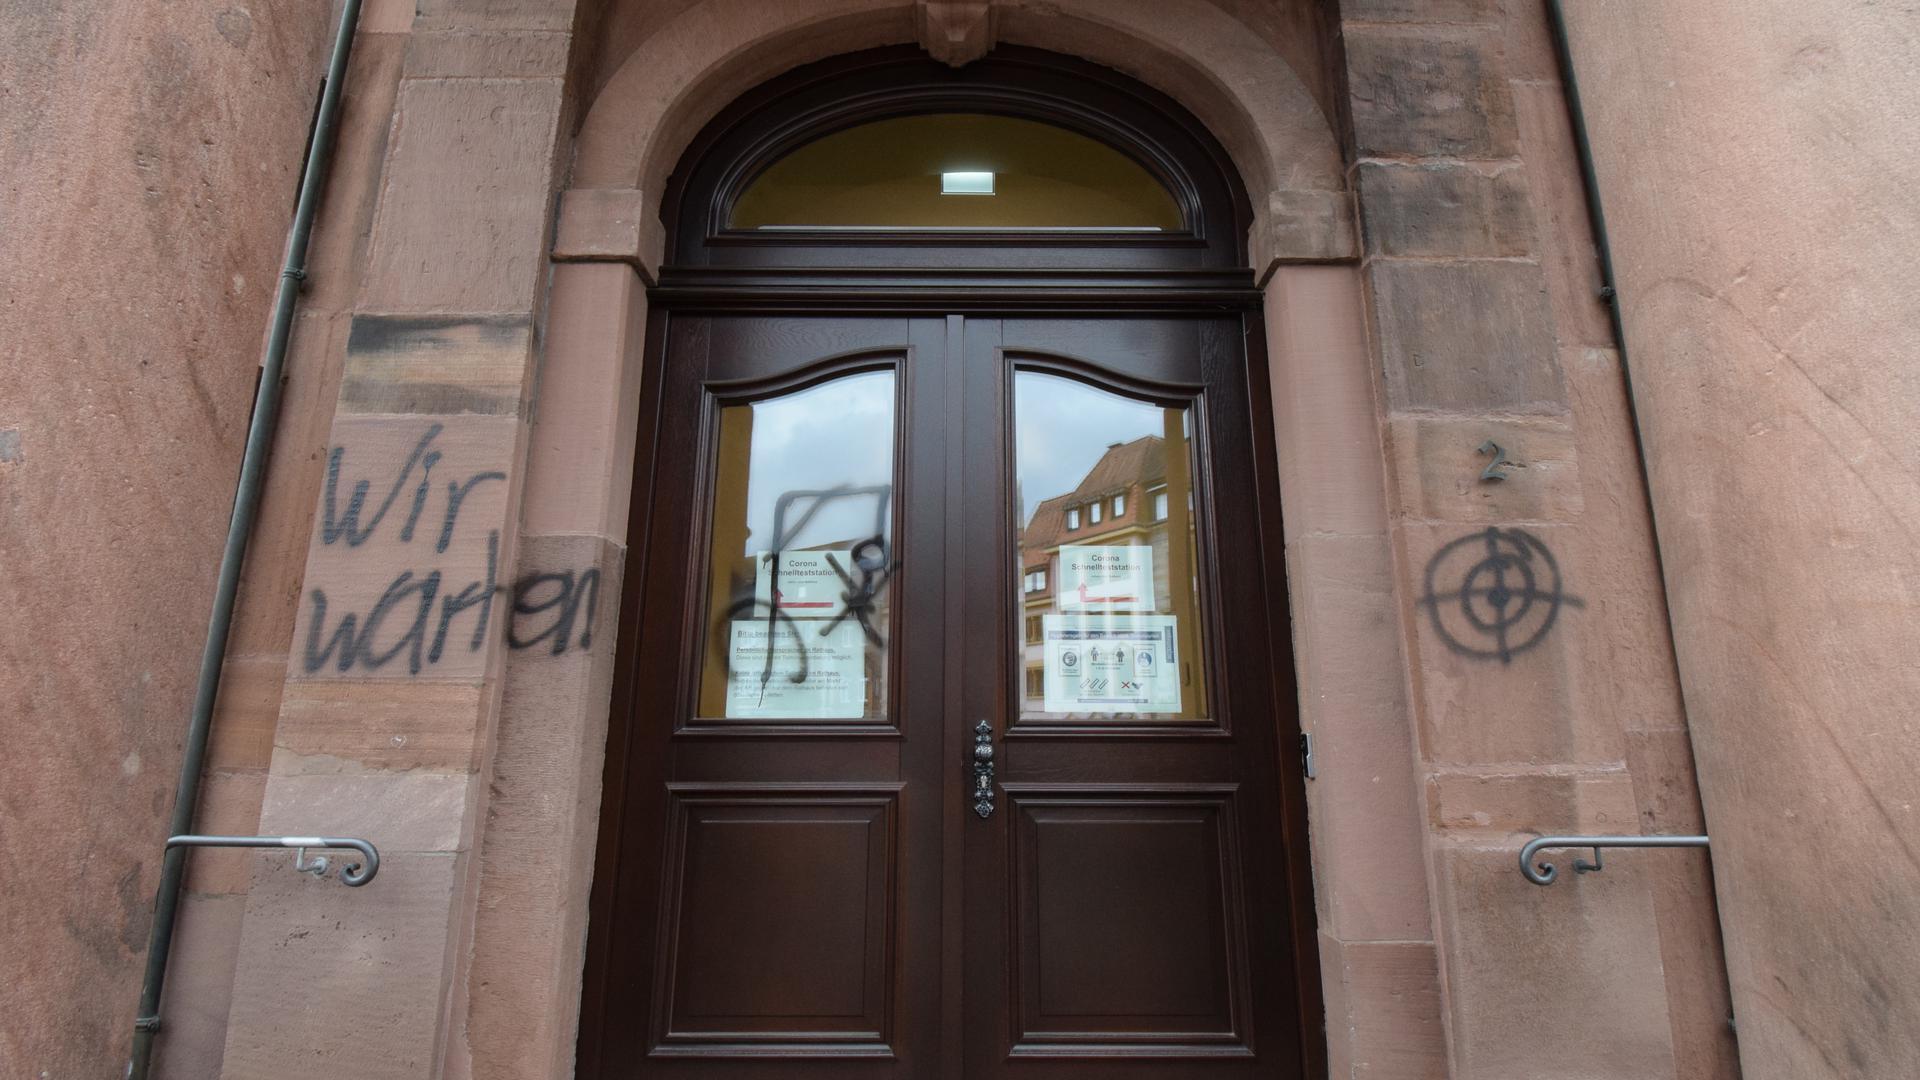 """Drohung am Rathaus: Ein Galgenmännchen mit der Drohung """"Wir warten"""" und eine Zielscheibe hat der 37-Jährige im Eingangsbereich an Wand und Tür gesprüht."""